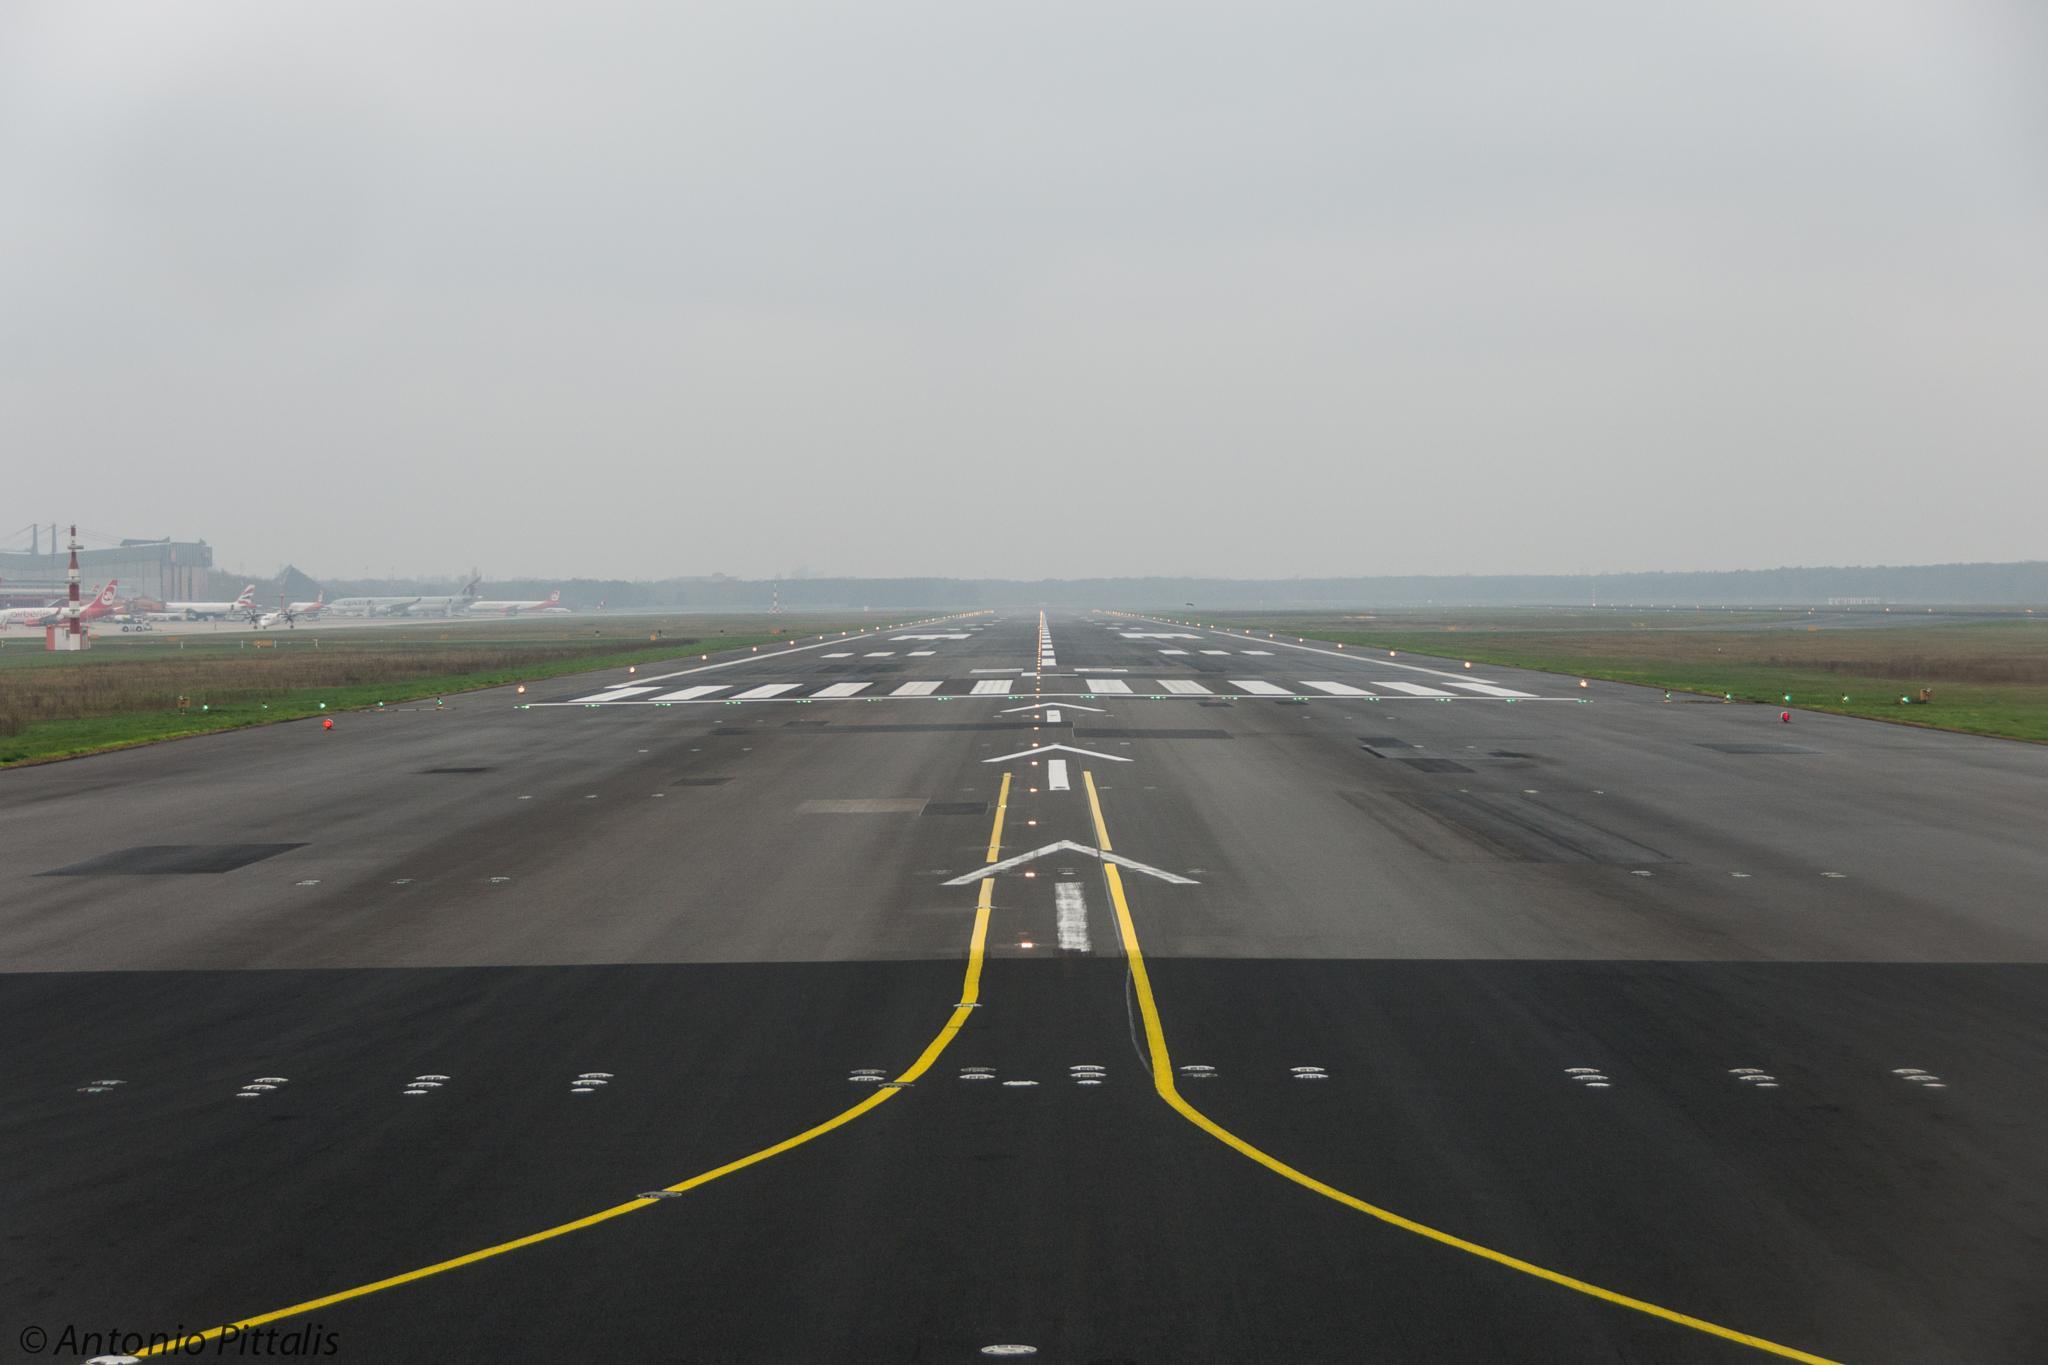 Tegel runway by Antonio Pittalis